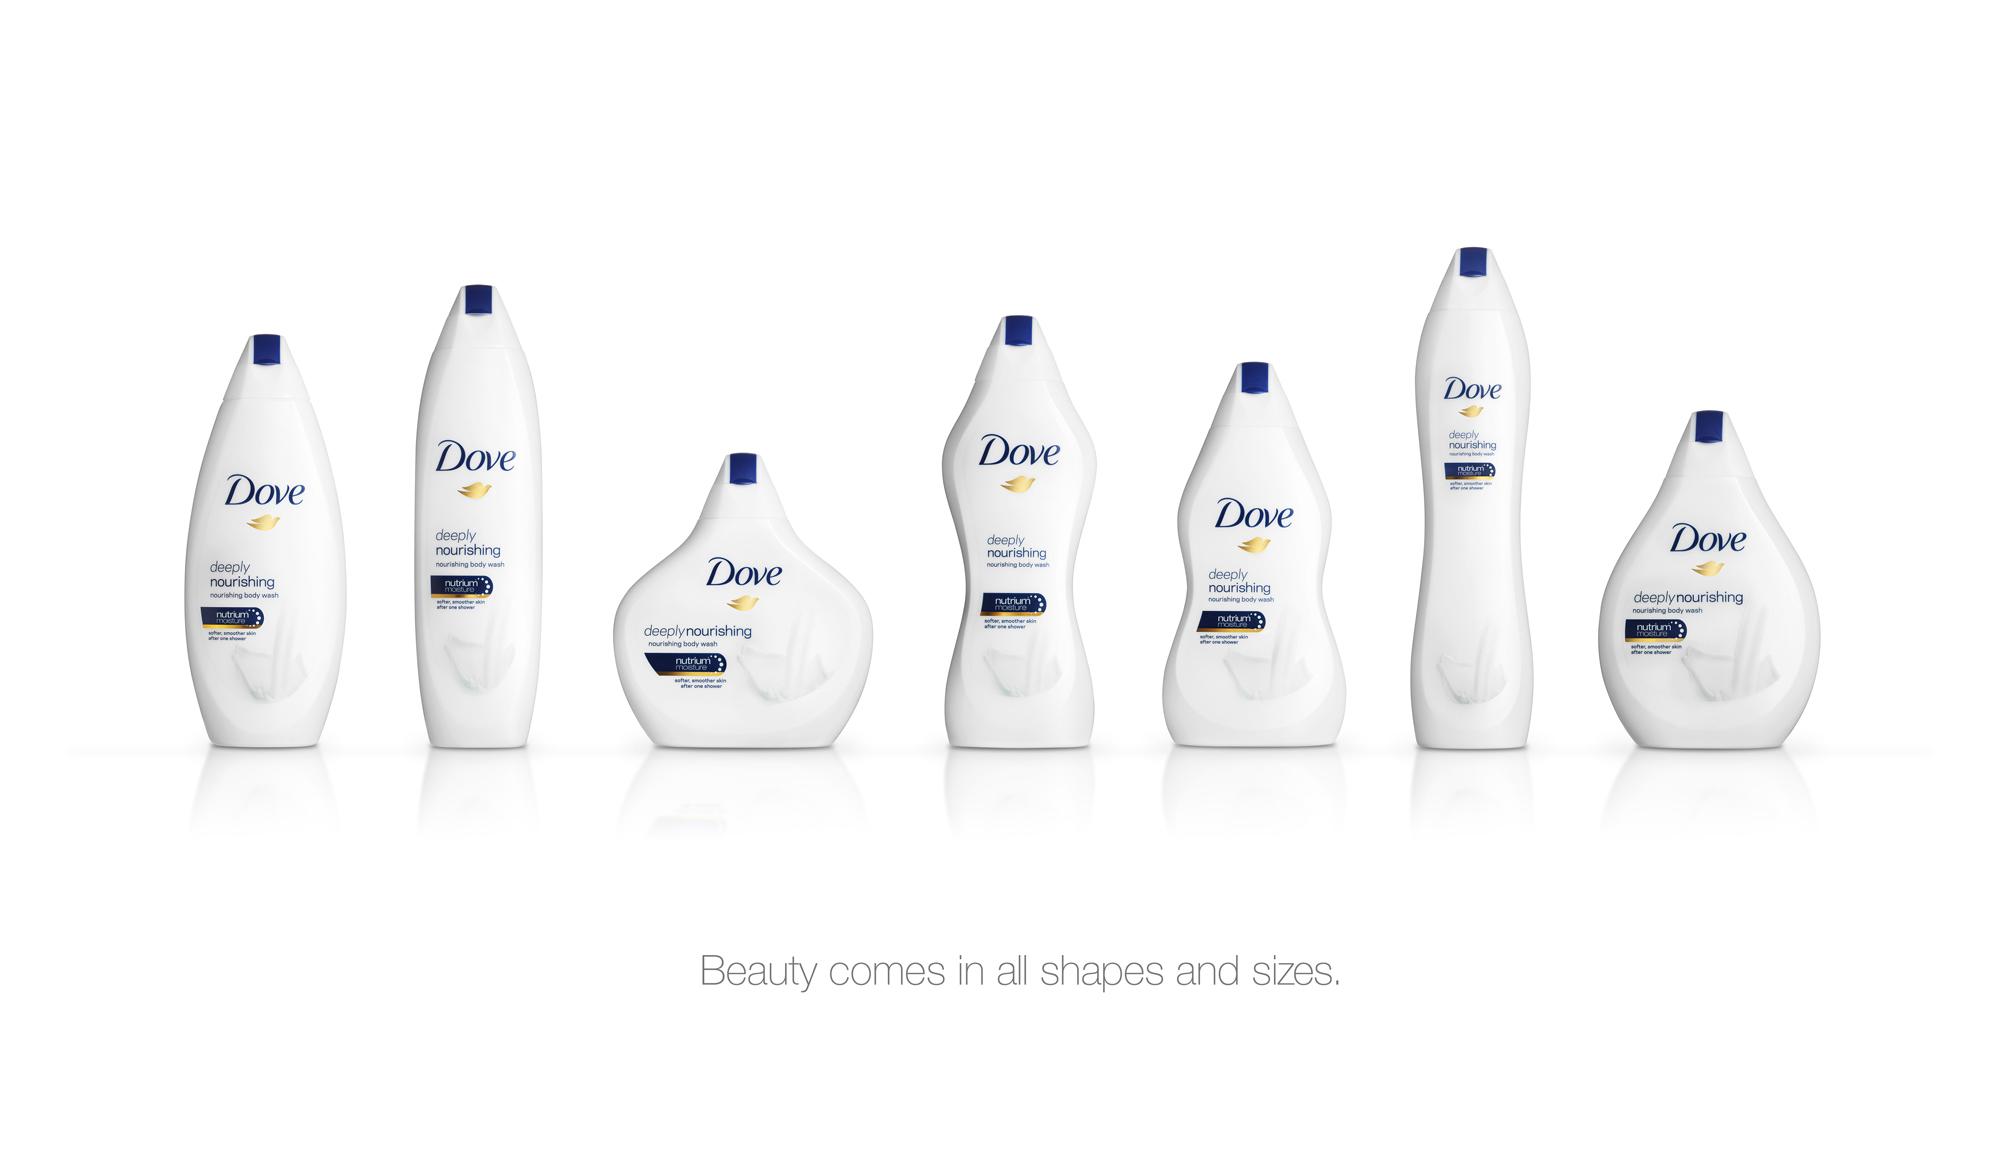 dove beleza real embalagens